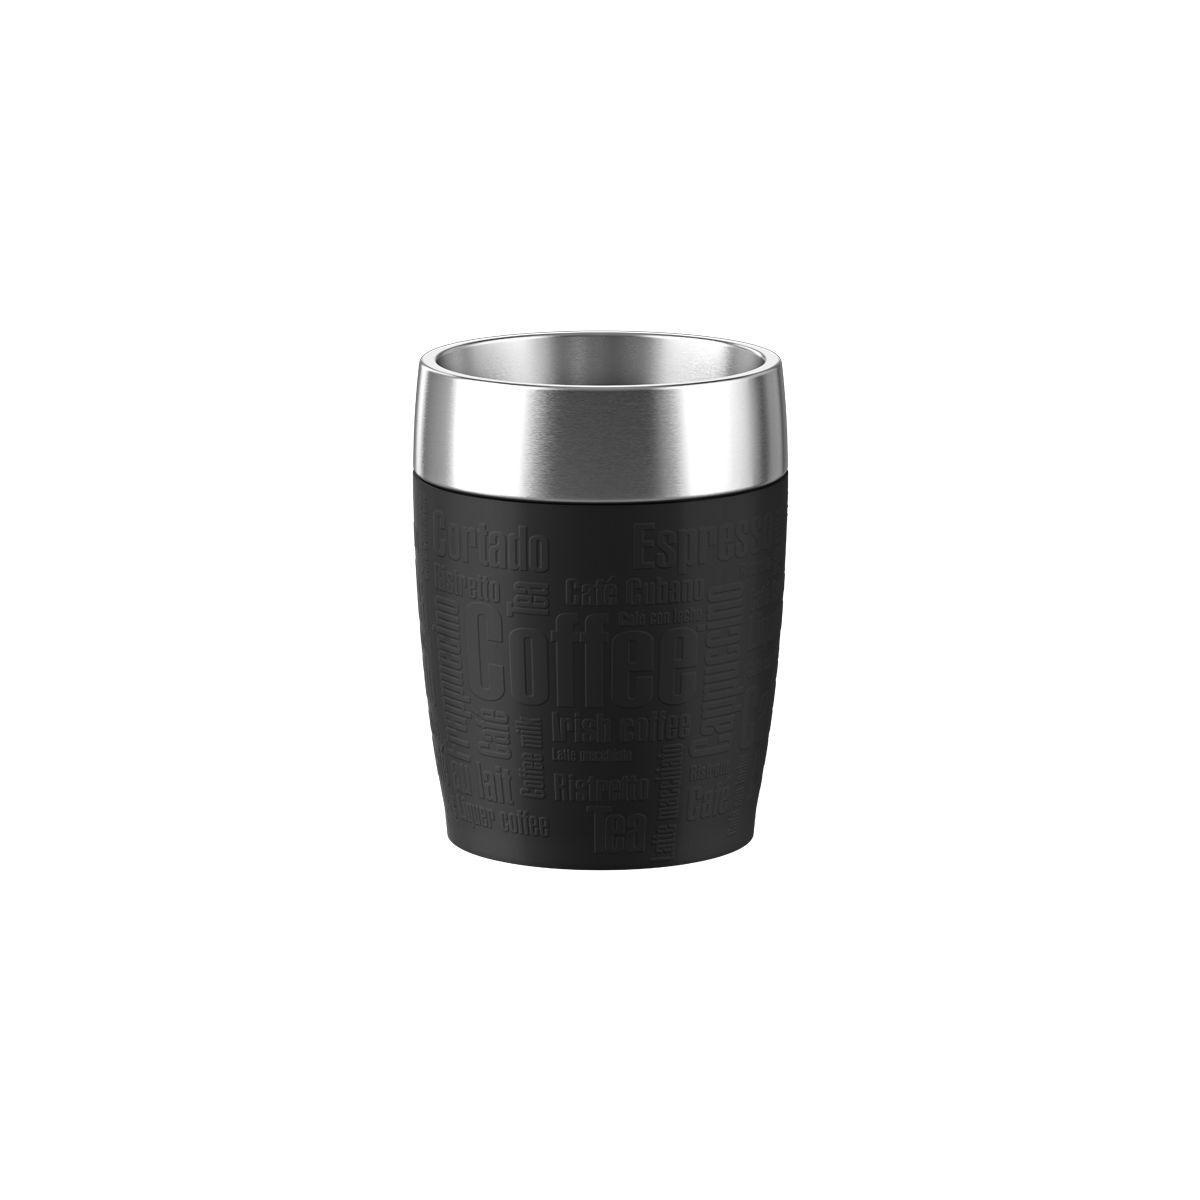 Mug emsa isotherme 0.2l inox/noir - 5% de remise immédiate avec le code : cash5 (photo)